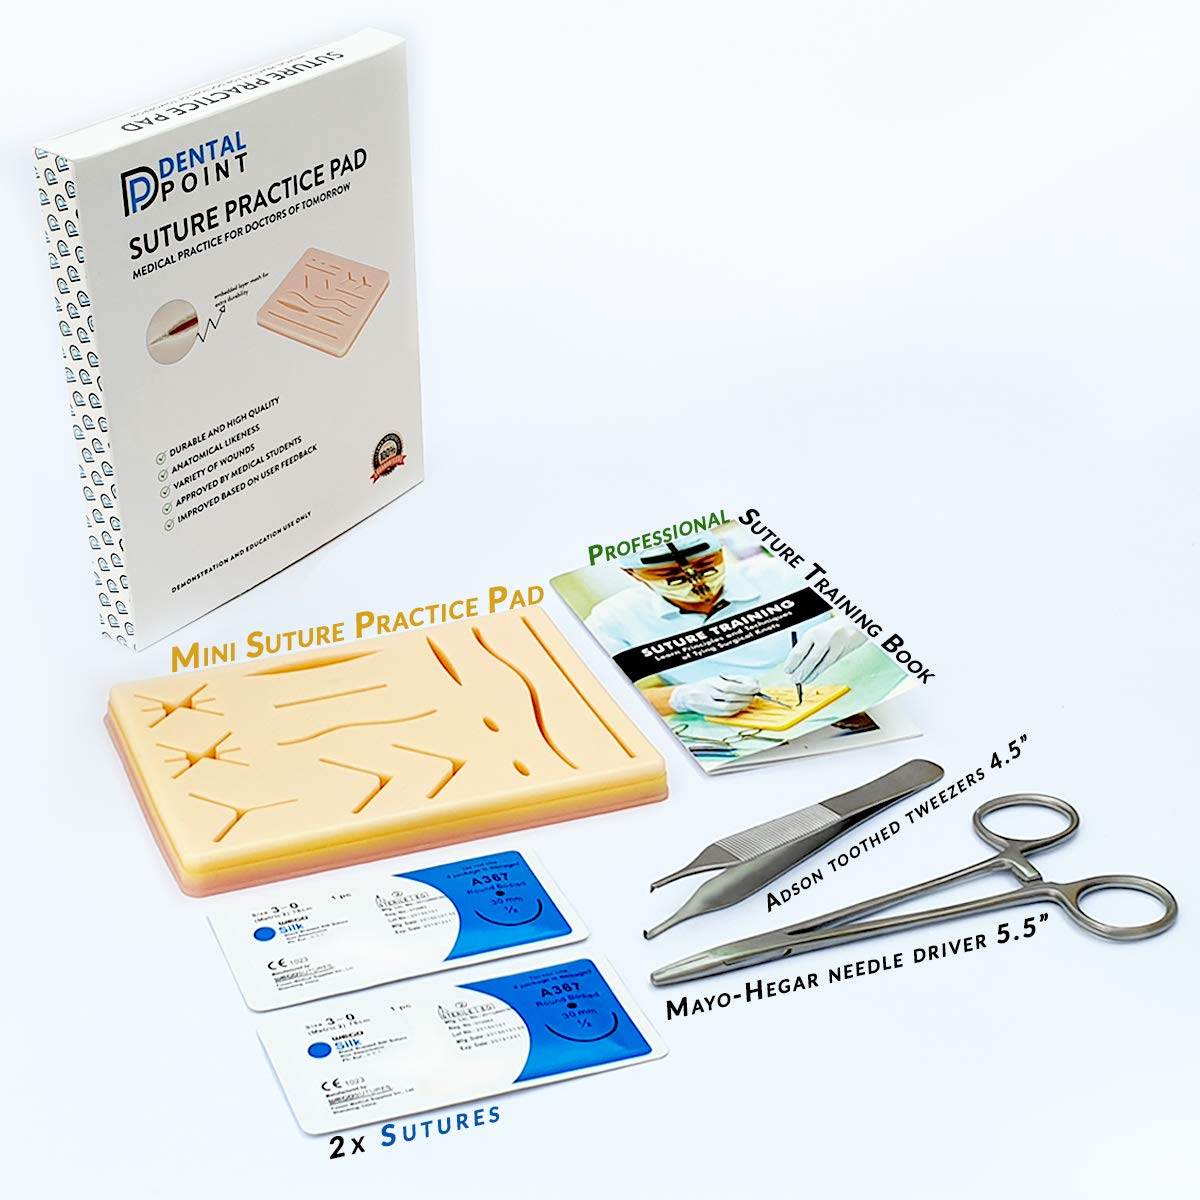 Kit de sutura de silicona duradera para estudiantes de medicina, veterinarios, enfermeras, kit de práctica de sutura | El regalo perfecto